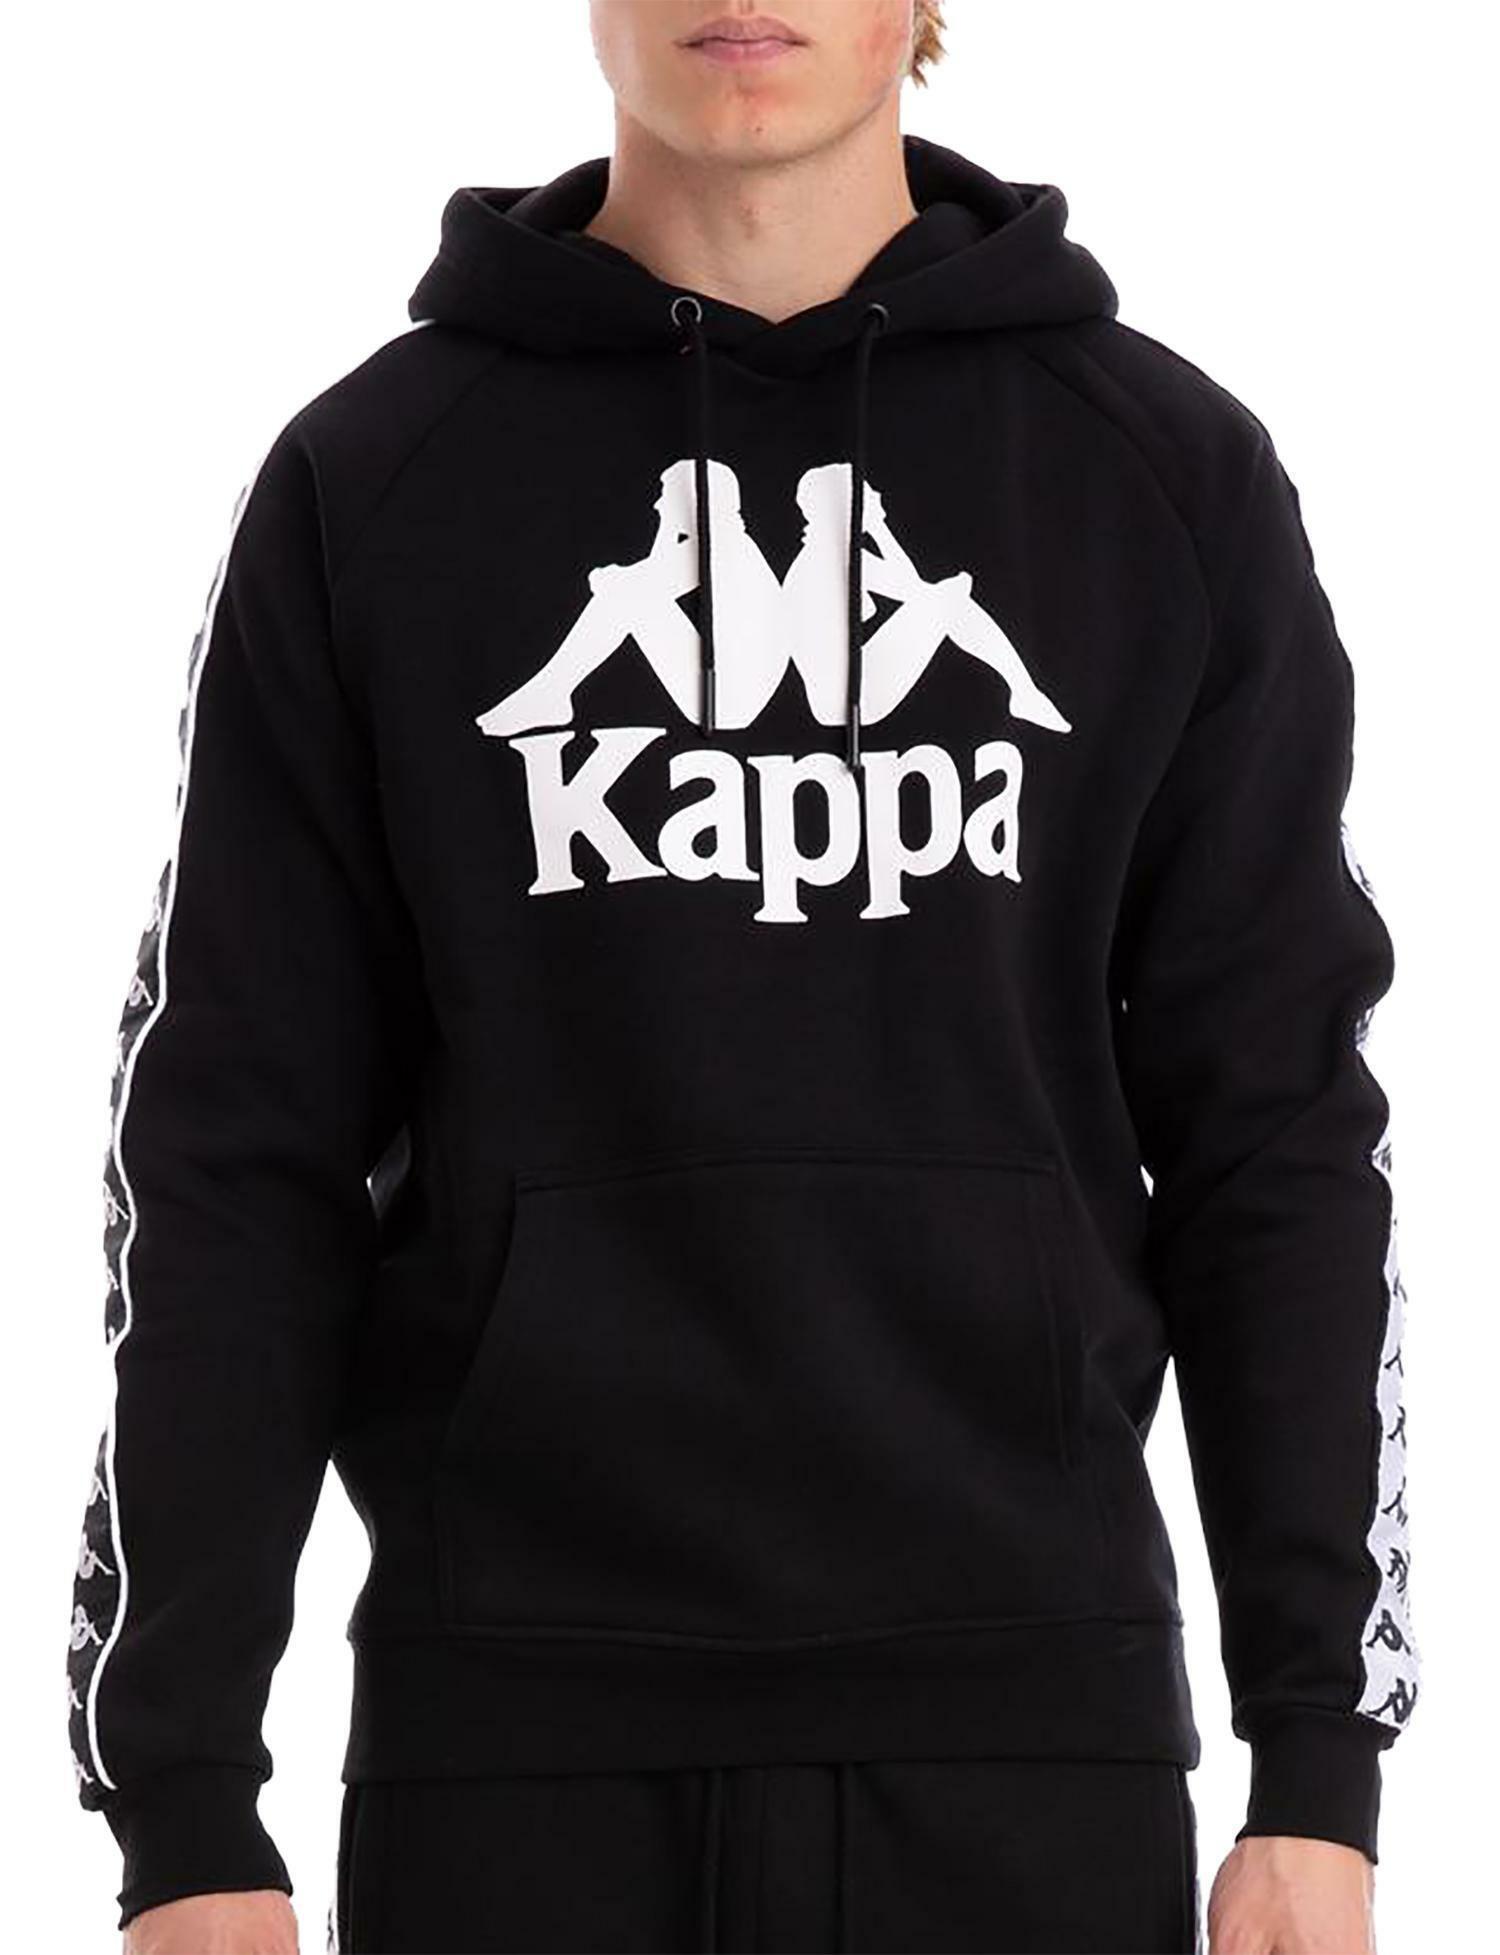 Kappa 222 Banda Hurtado Felpa con Cappuccio Uomo Nera 303WH20900